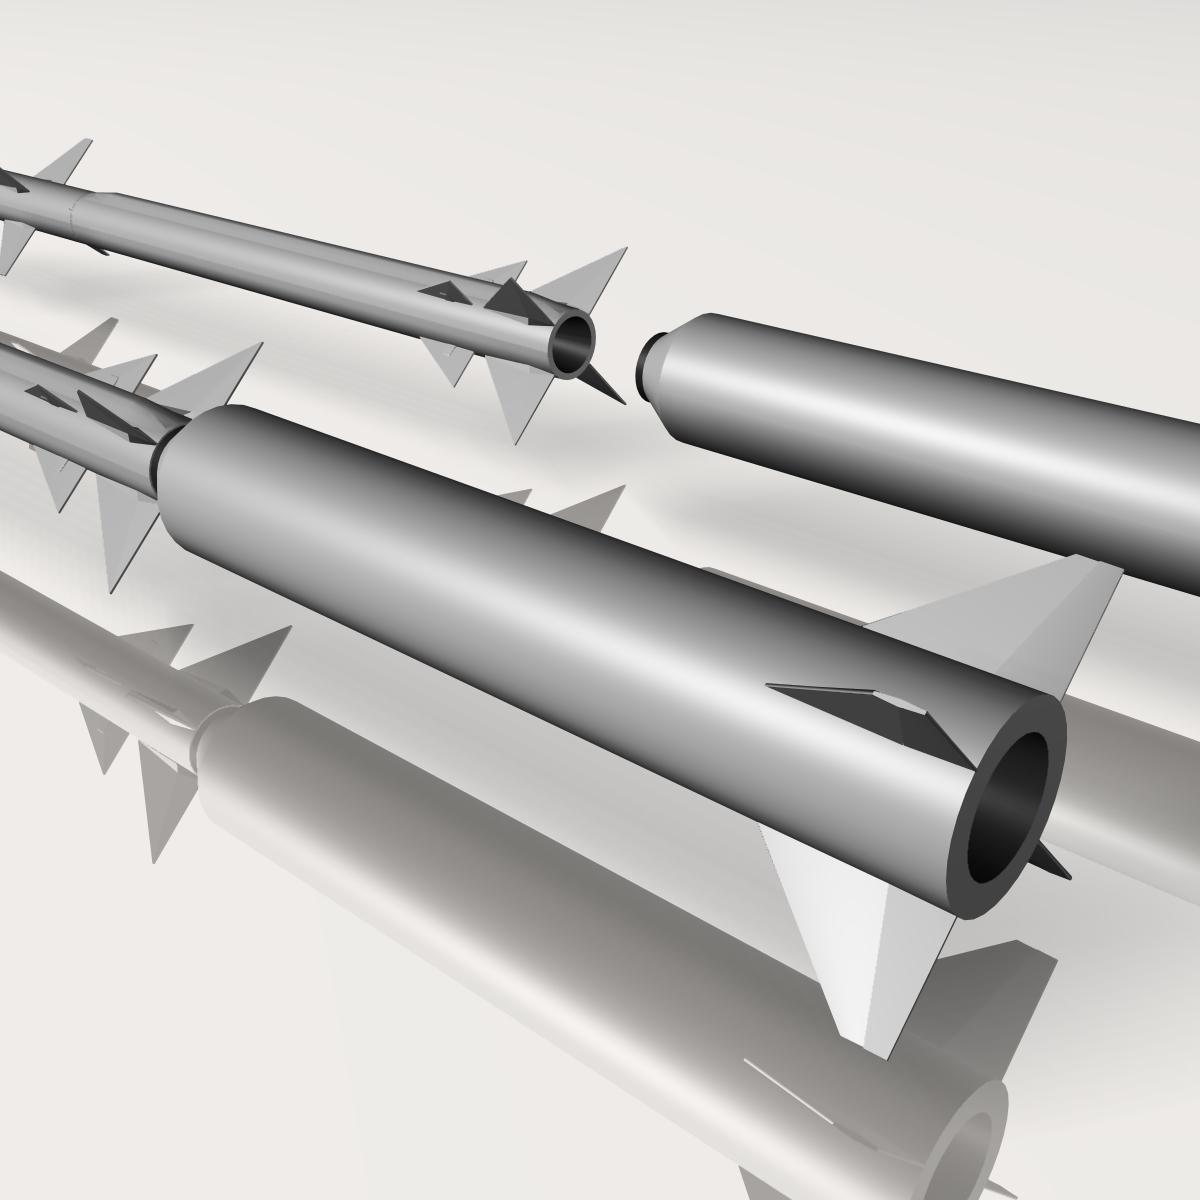 israeli stunner missile 3d model 3ds dxf cob x obj 150546